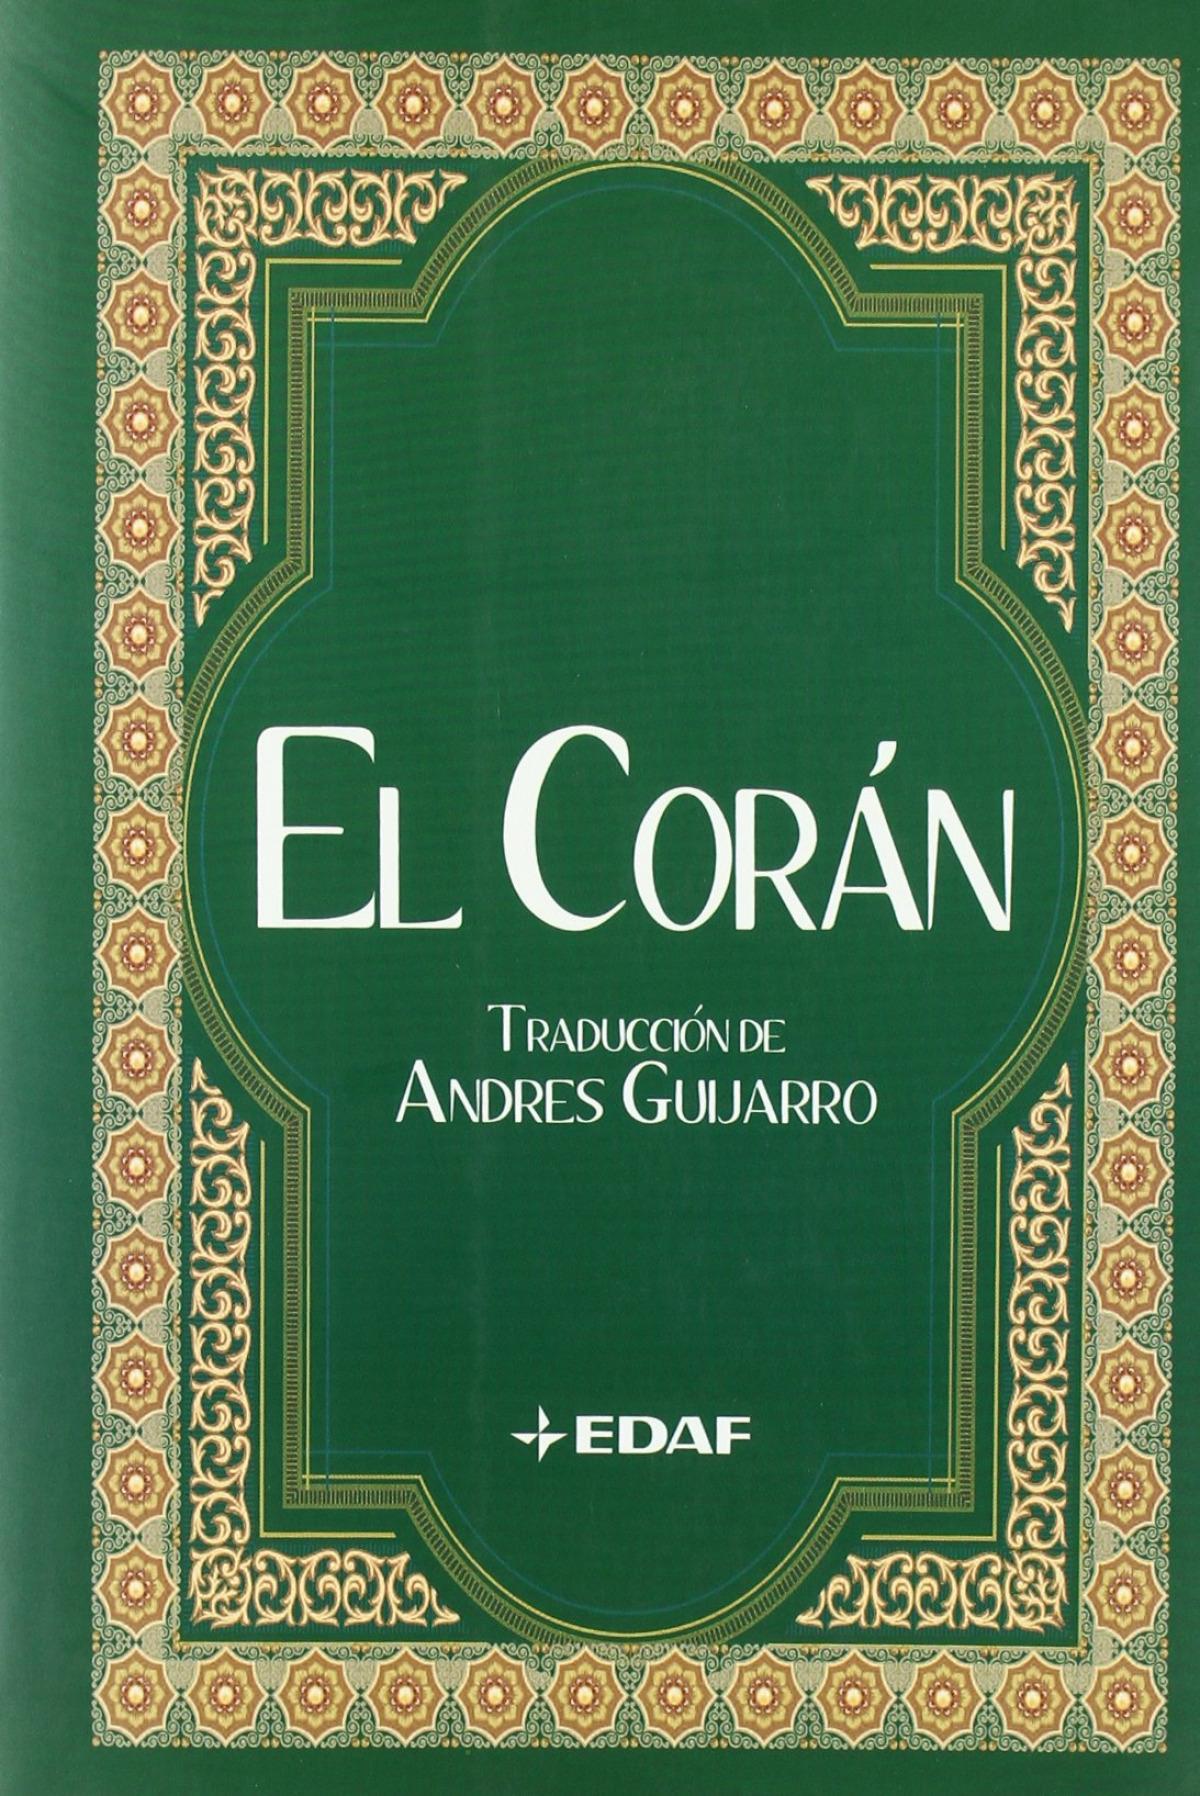 CORAN, EL